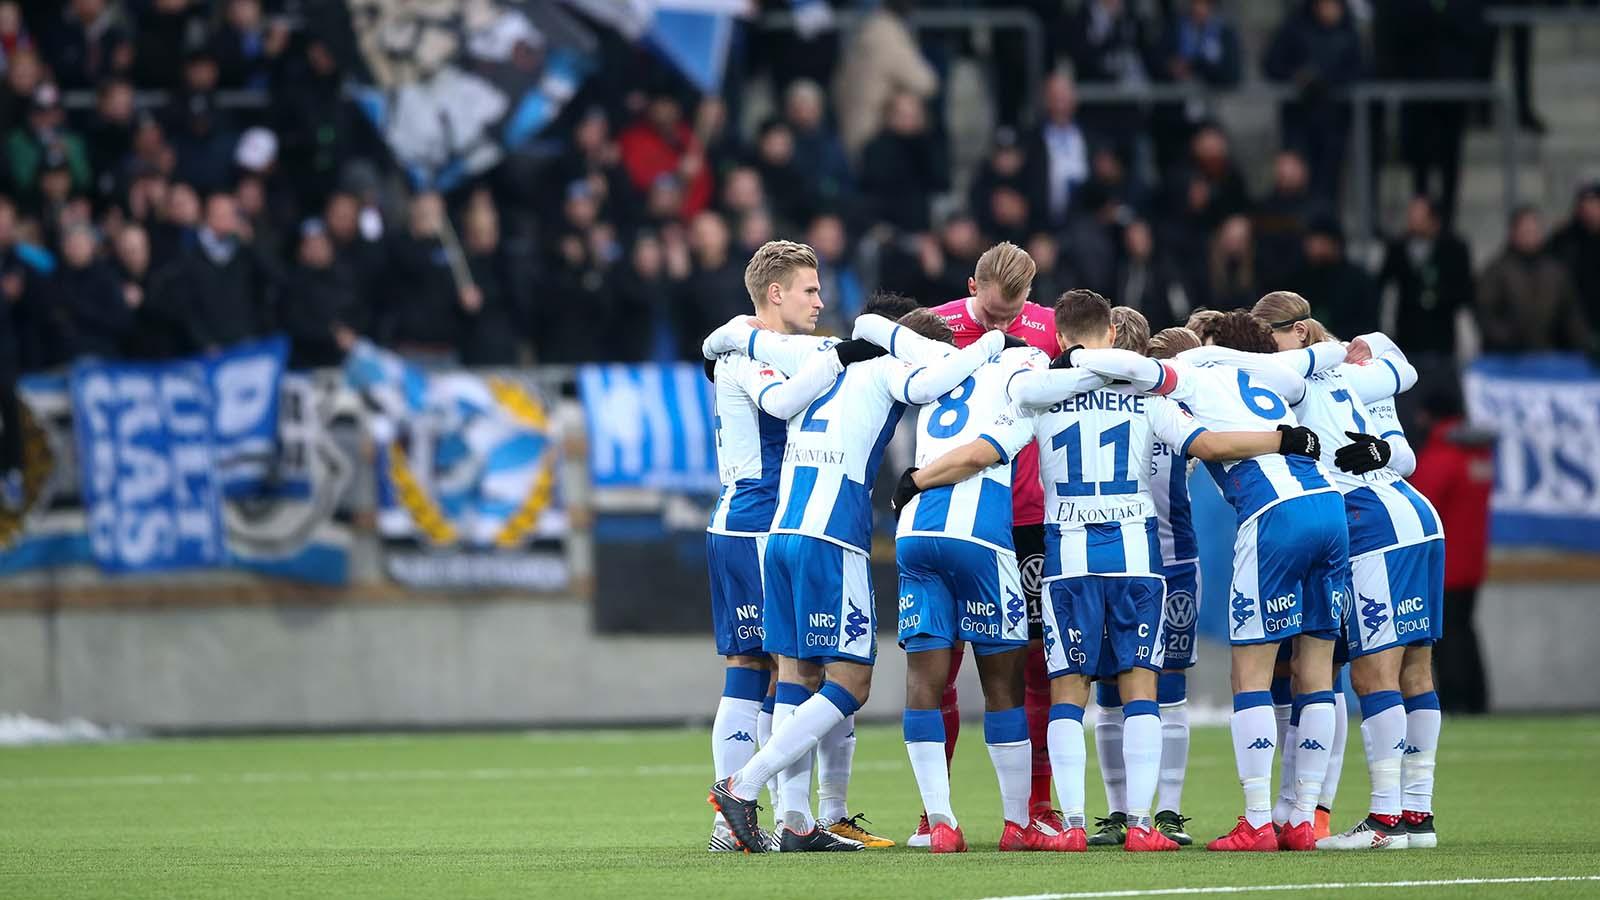 180217 IFK Göteborgs spelare inför en fotbollsmatch i Svenska Cupen mellan IFK Göteborg och Varberg den 17 februari 2018 i Göteborg. Foto: Michael Erichsen / BILDBYRÅN / Cop 89